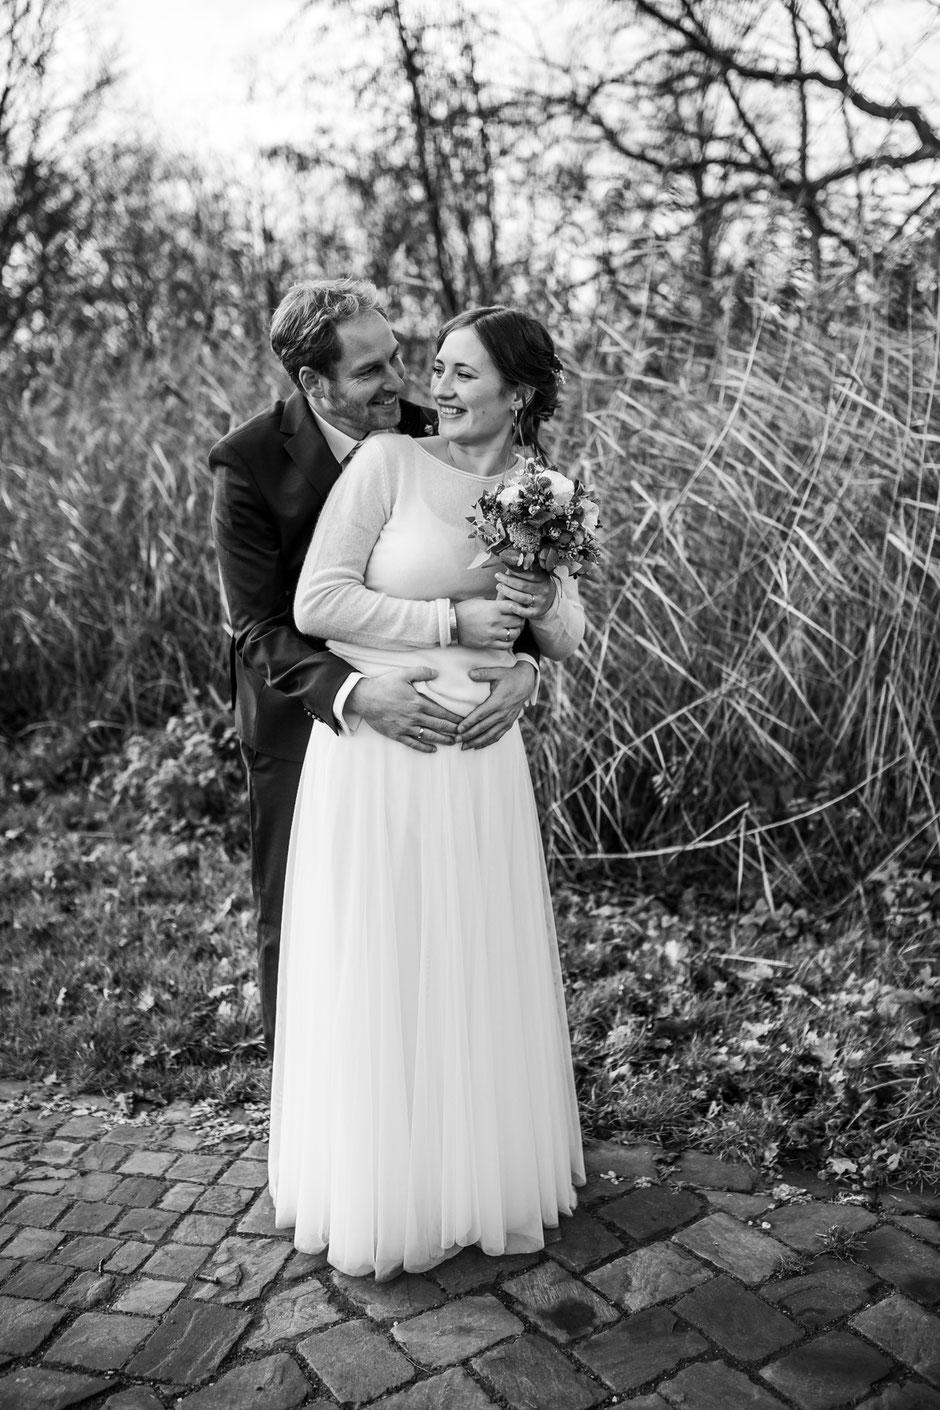 Standesamtliche Hochzeit in Lüdinghausen, Janine Piontek Fotografie, Winterhochzeit Lüdinghausen